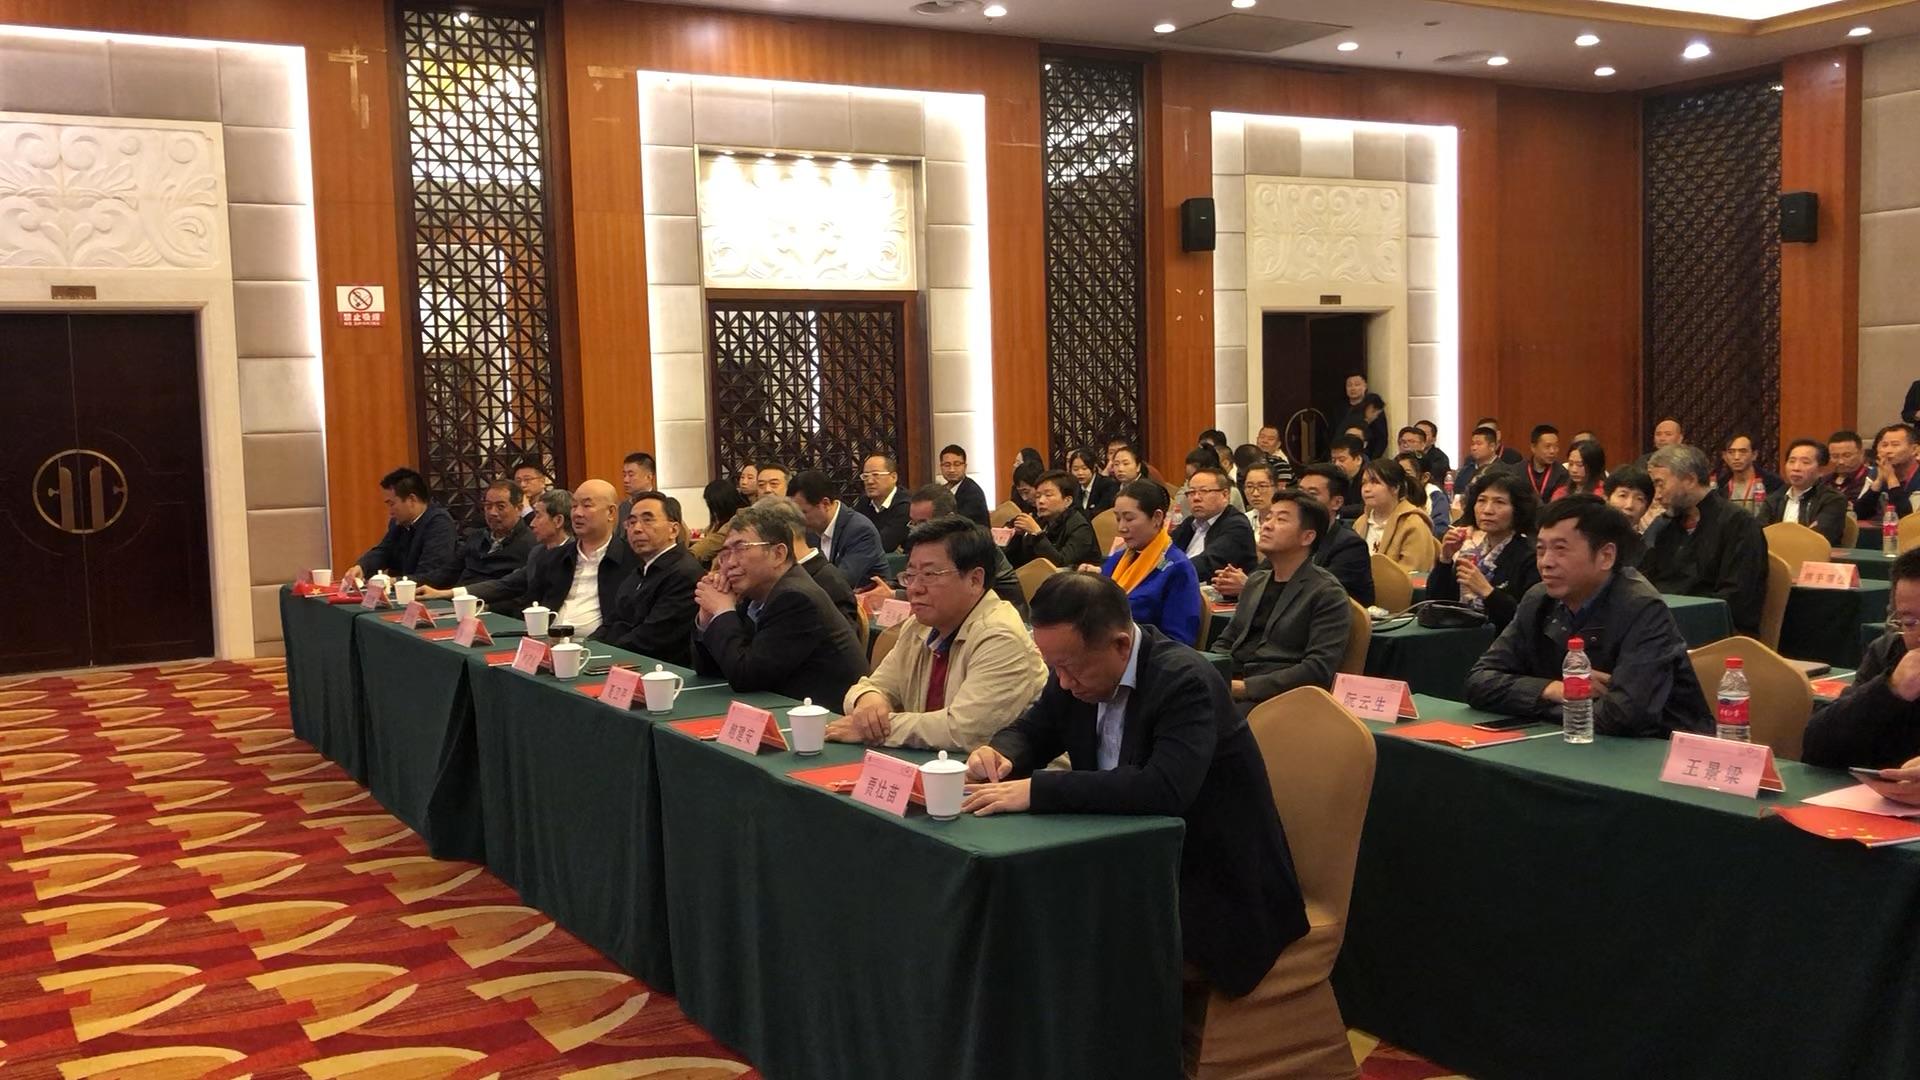 出席中信置业杯中国女子围棋甲级联赛中信井冈山站的嘉宾及棋手们